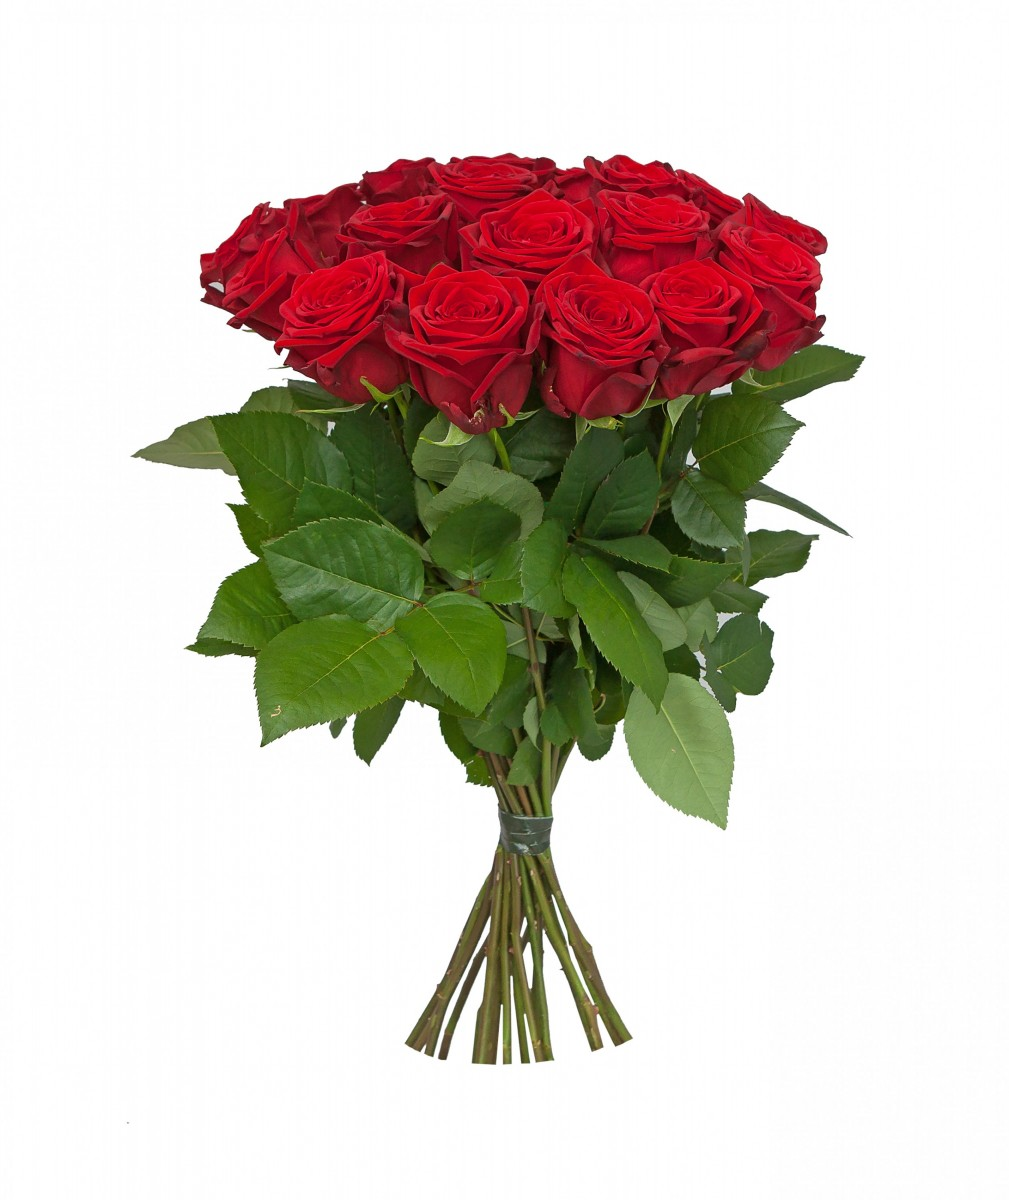 Цветы роза букет цена, лизиантусов купить